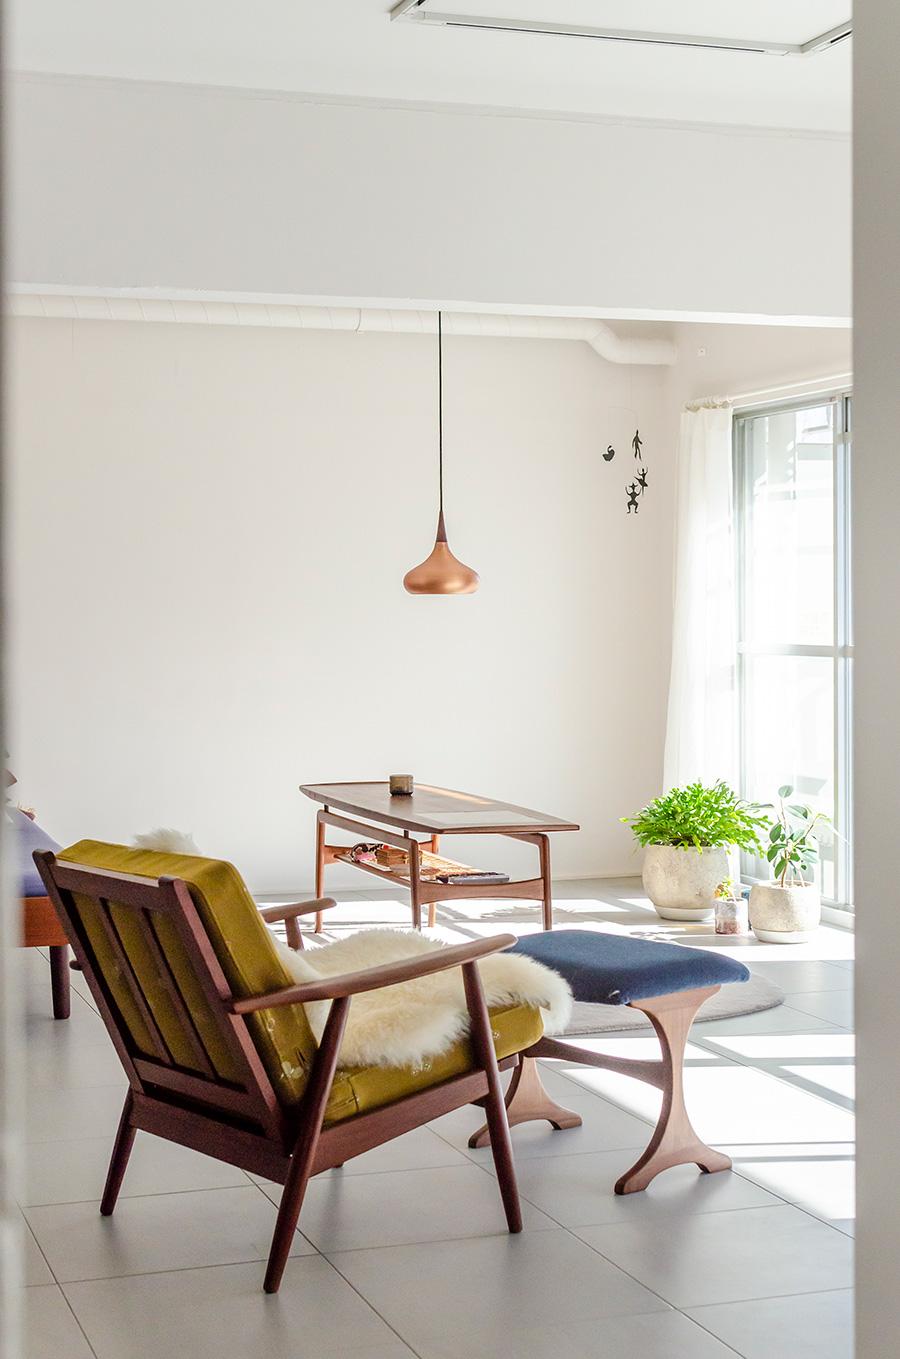 シングルソファはデンマークのロッペンマルクト市場で購入。